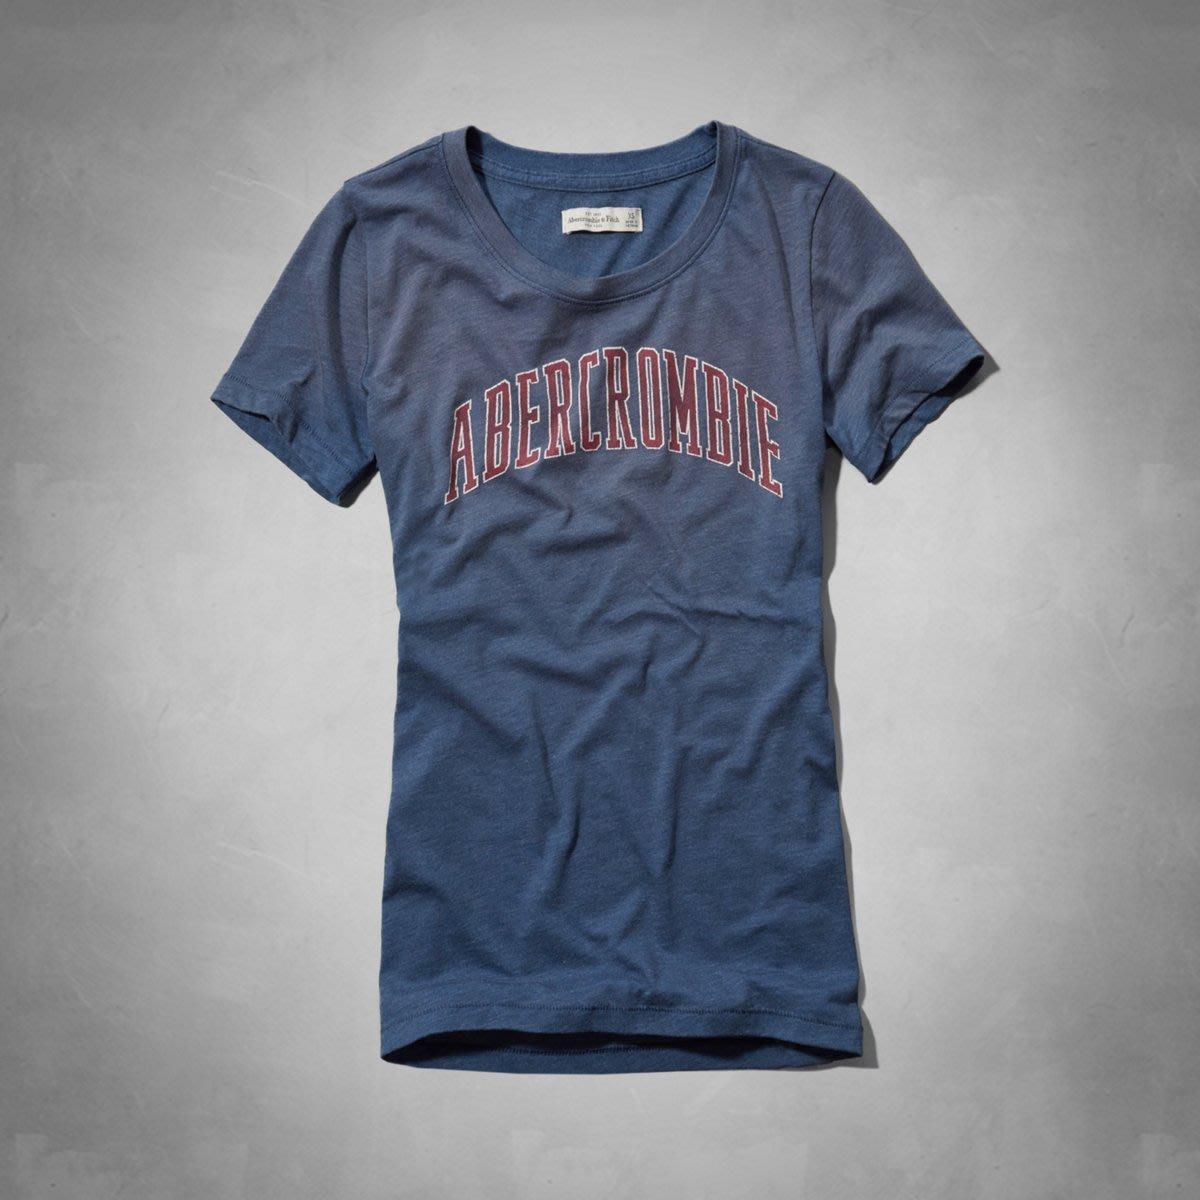 【天普小棧】AF A&F Abercrombie & Fitch Coby Tee圓領短T短袖T恤XS/L號 現貨抵台